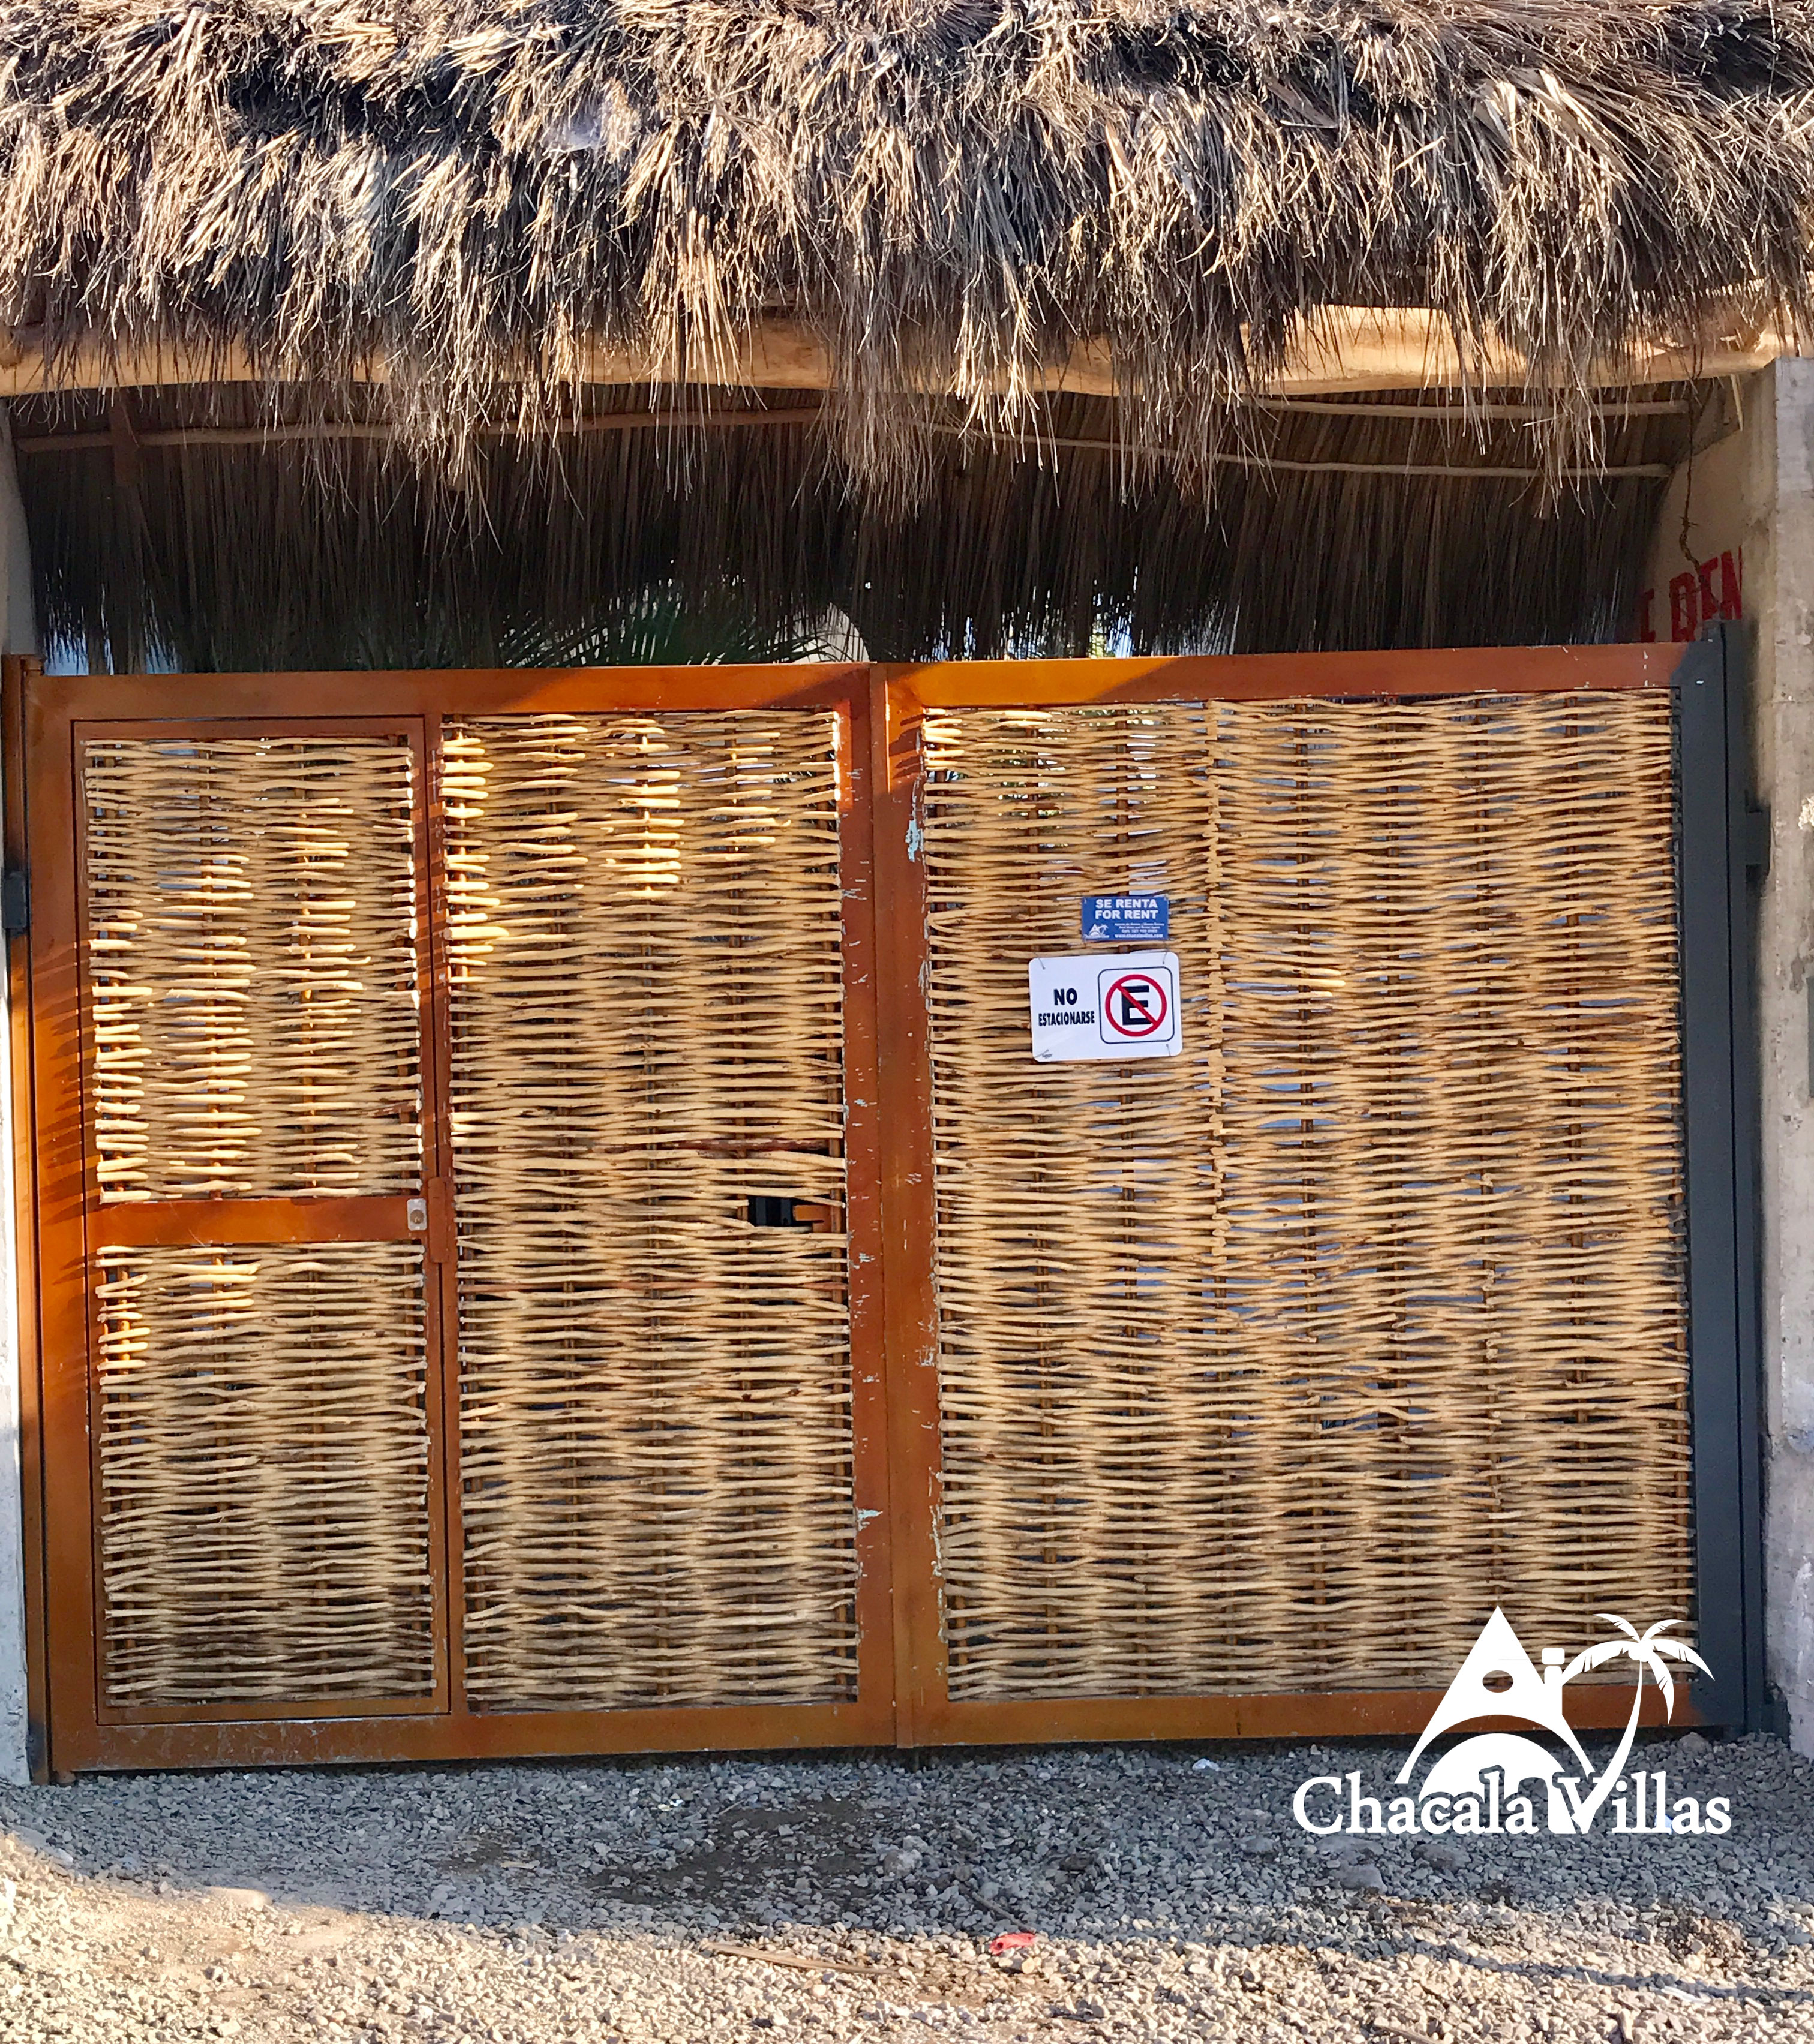 canarias-puerta-chv